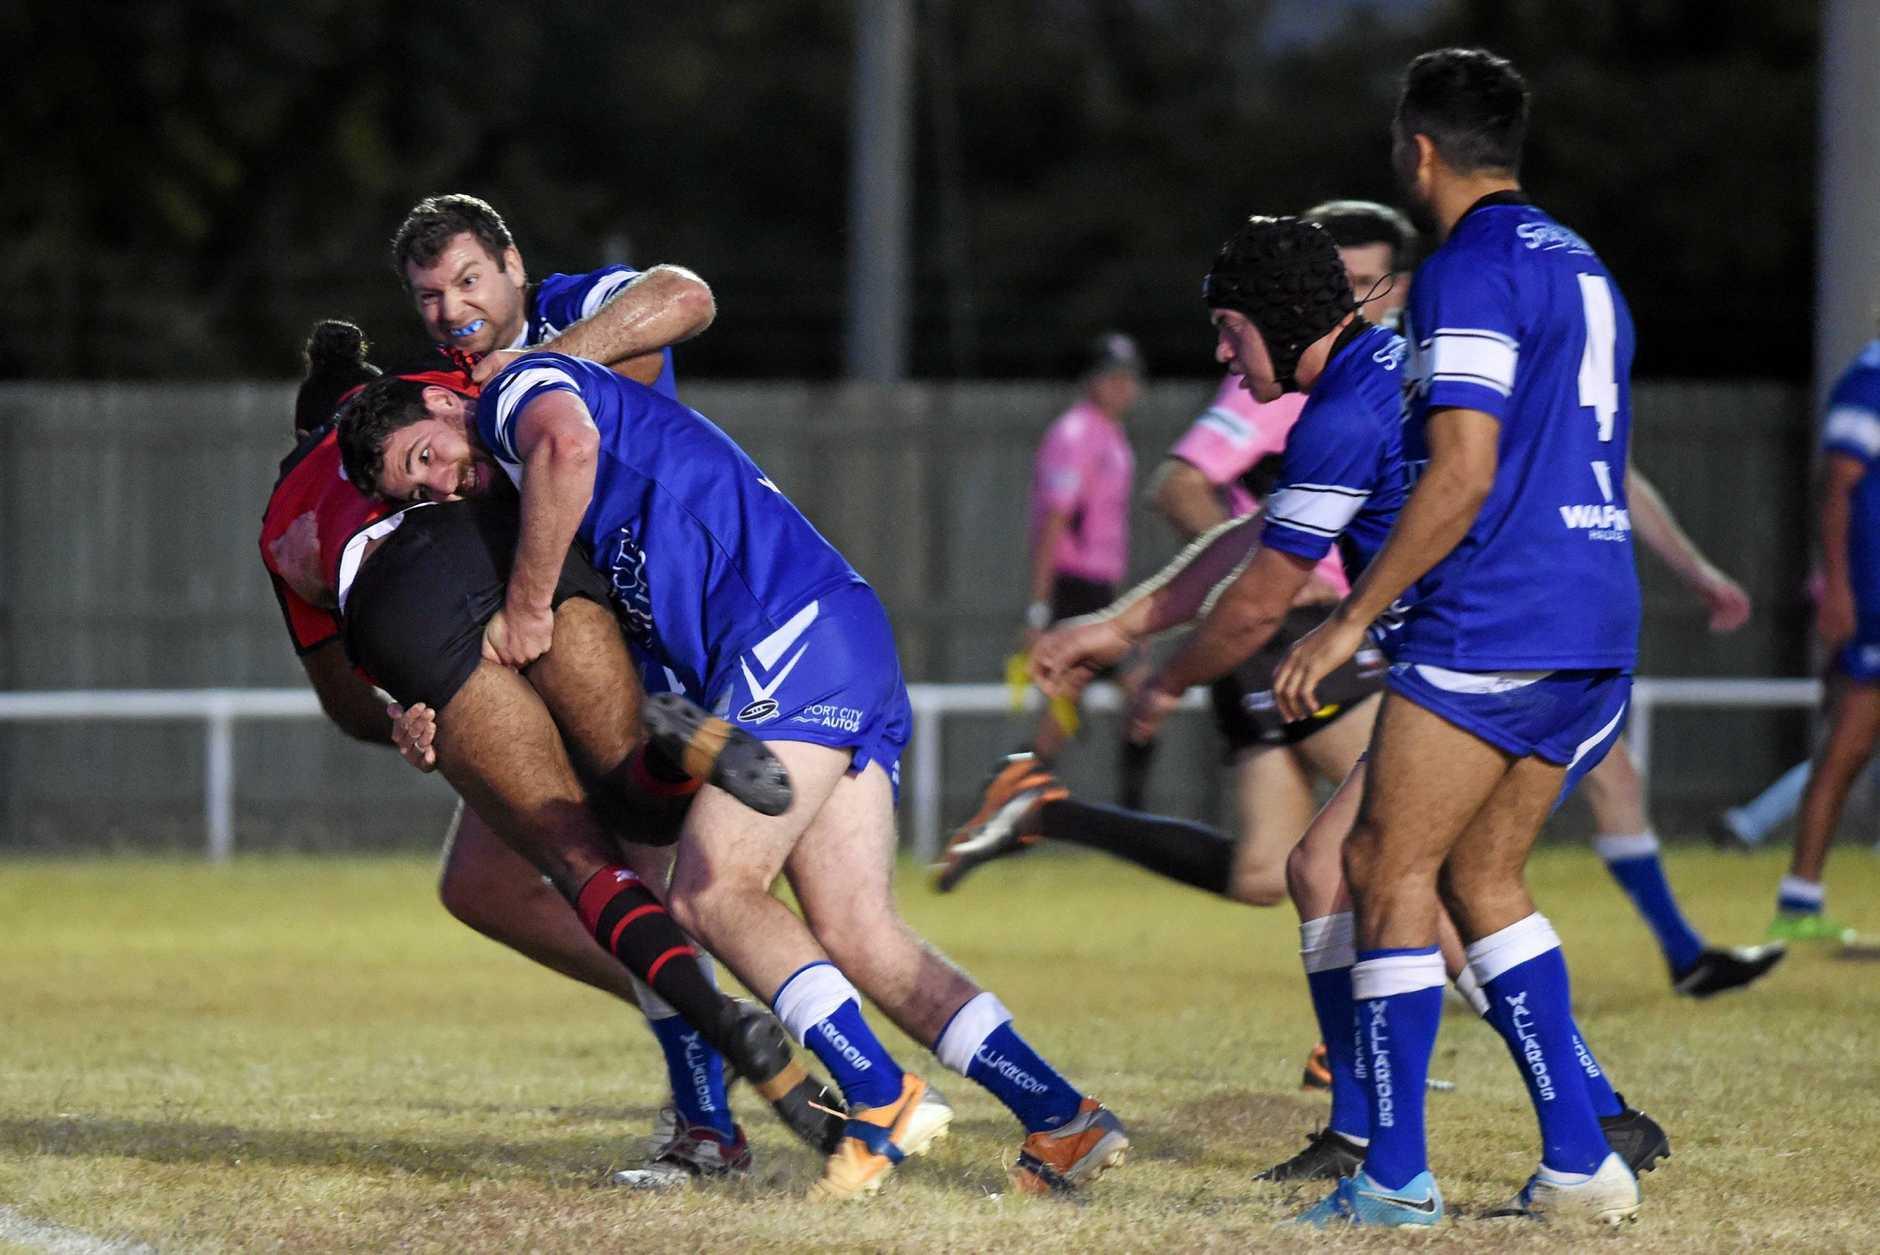 Bundaberg Rugby League: Wallaroos v Wests Panthers at Eskdale Park, Maryborough.